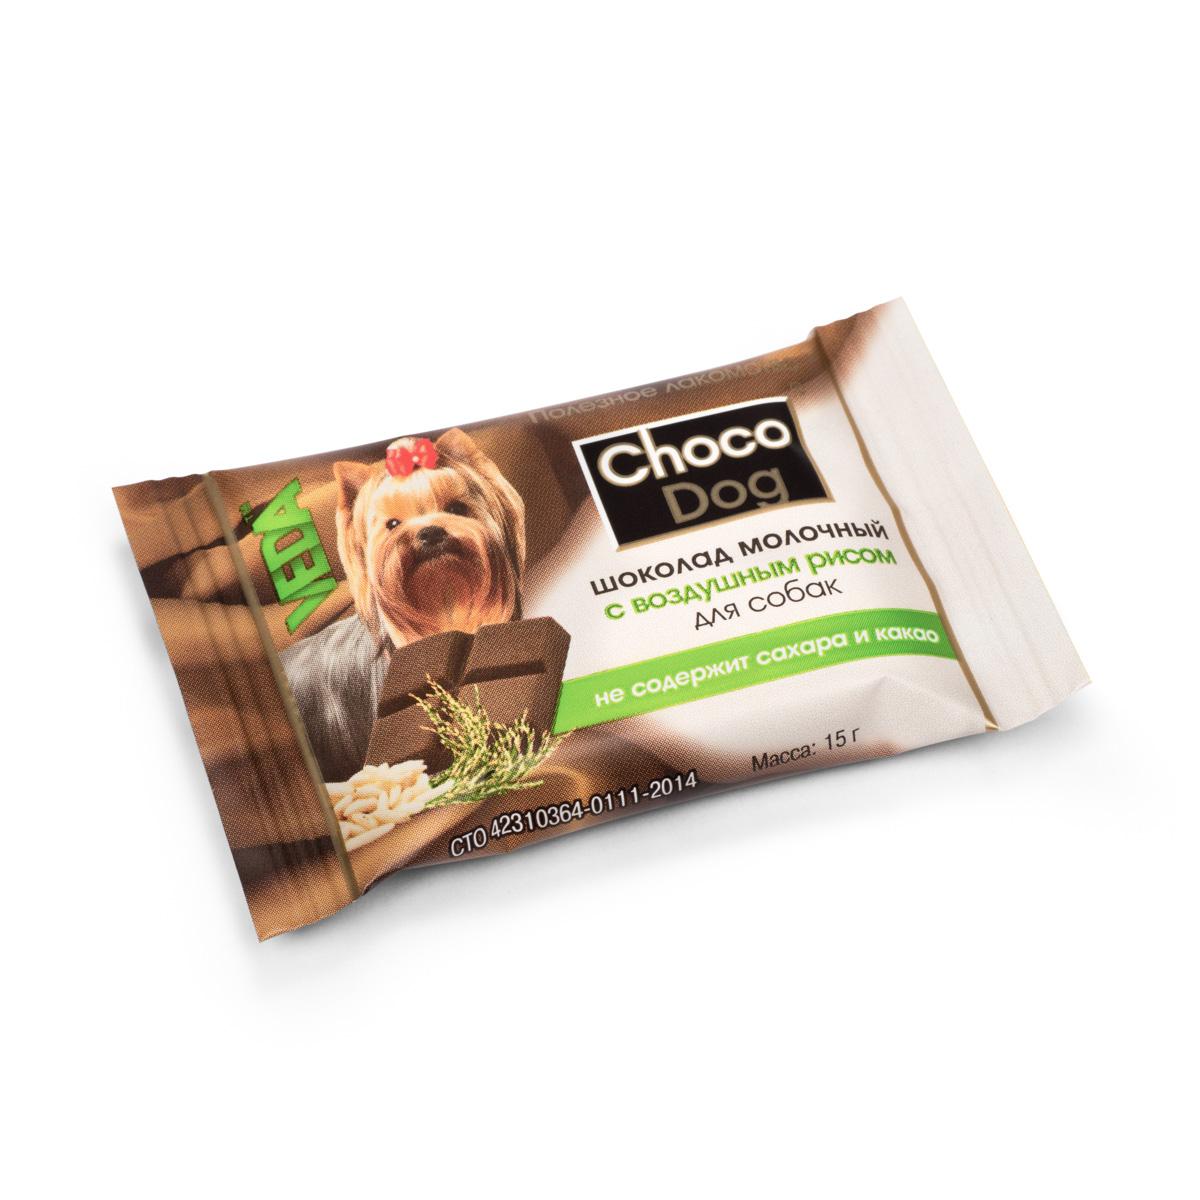 Лакомство для собак VEDA Choco Dog, молочный шоколад с воздушным рисом, 15 г4605543006616Лакомство для собак VEDA Choco Dog представляет собой дополнительный функциональный корм для непродуктивных животных в виде лакомства, предназначенный для использования в качестве лакомства с целью поощрения и дрессуры животных. Сладкое лакомство для собак, обогащённое полезным наполнителем. Рис, благодаря наличию витаминов группы В, витамина Е, ряда микроэлементов (калий, кальций, железо, цинк, магний), полезен для костей, сердца и сосудов. К тому же воздушный рис приятно похрустывает. Состав: заменитель масла какао, лактоза, сухая молочная сыворотка, порошок плодов рожкового дерева, рис воздушный, пивные дрожжи, лецитин, стевиозид, пищевой ароматизатор. Пищевая ценность в 100 г: белки 3,0 г, жиры 40 г, углеводы 55 г. Энергетическая ценность в 100 г: 570 ккал. Товар сертифицирован.